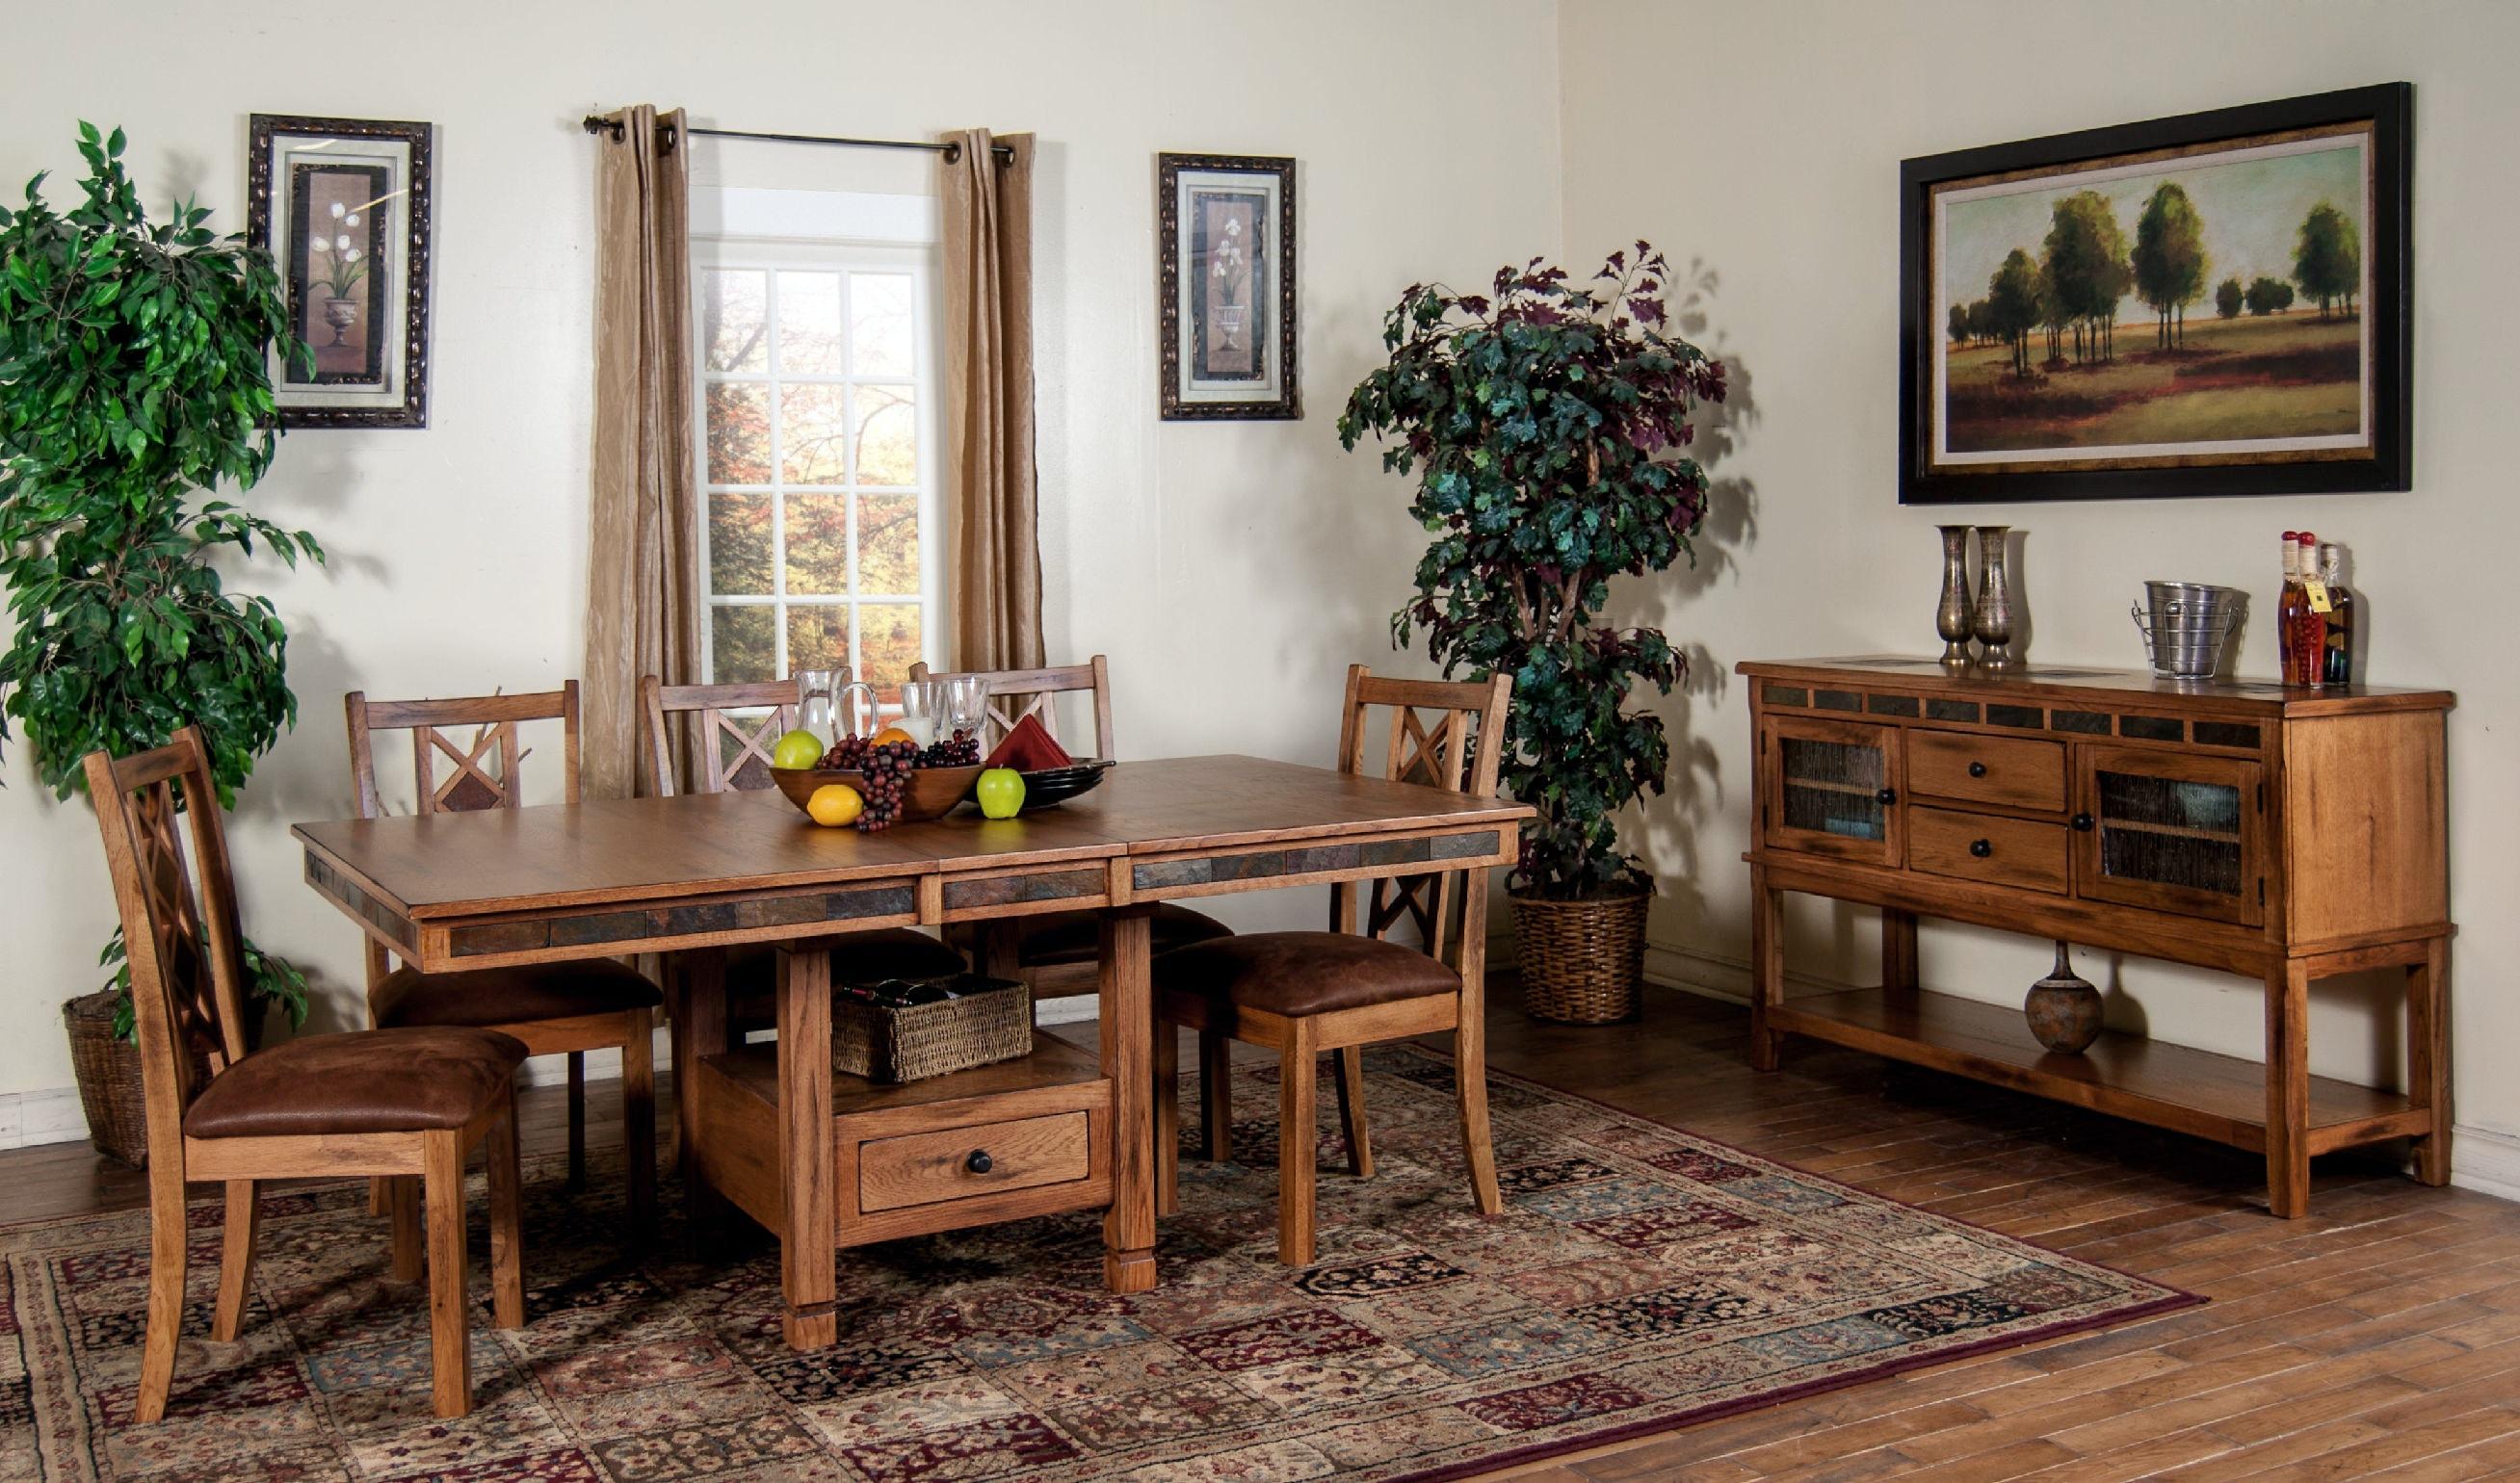 Superbe KEY Home Furnishings